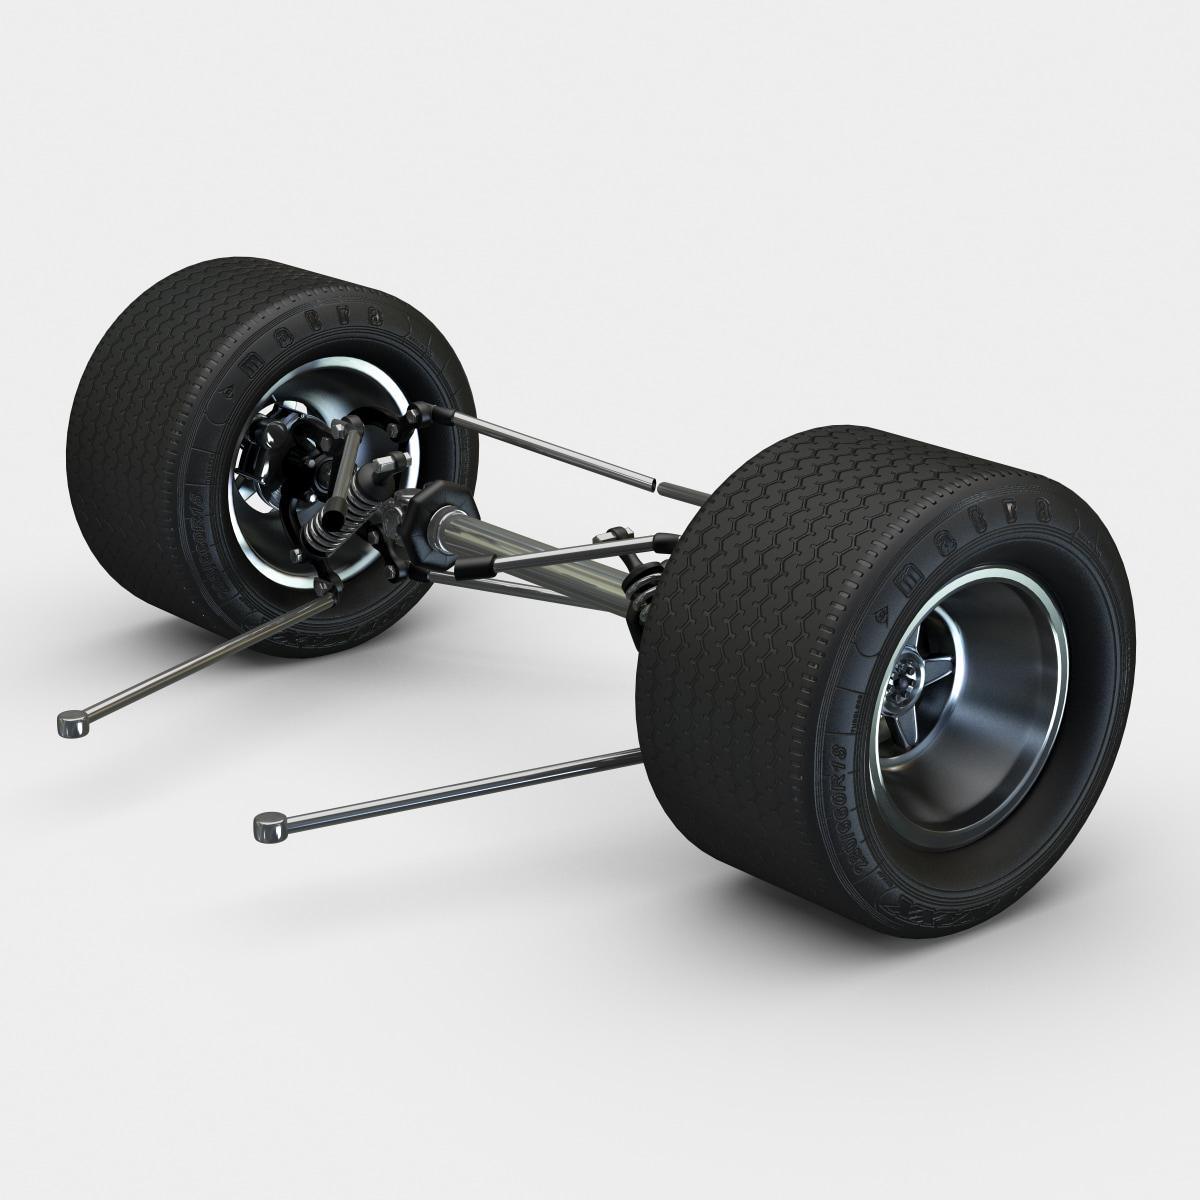 c4d racing car suspension